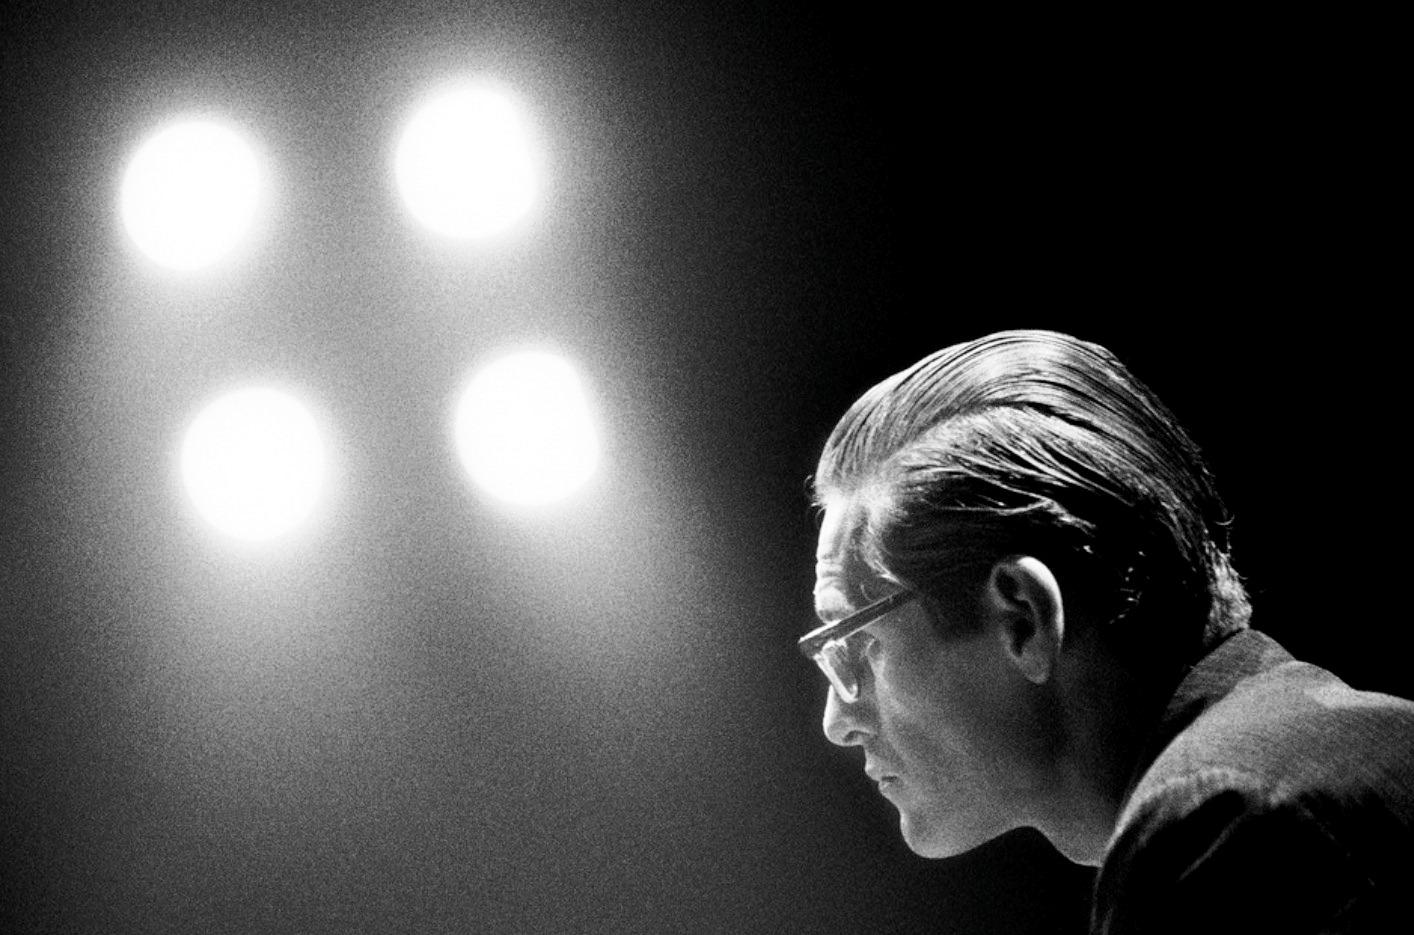 Bill Evans : ビル・エヴァンス